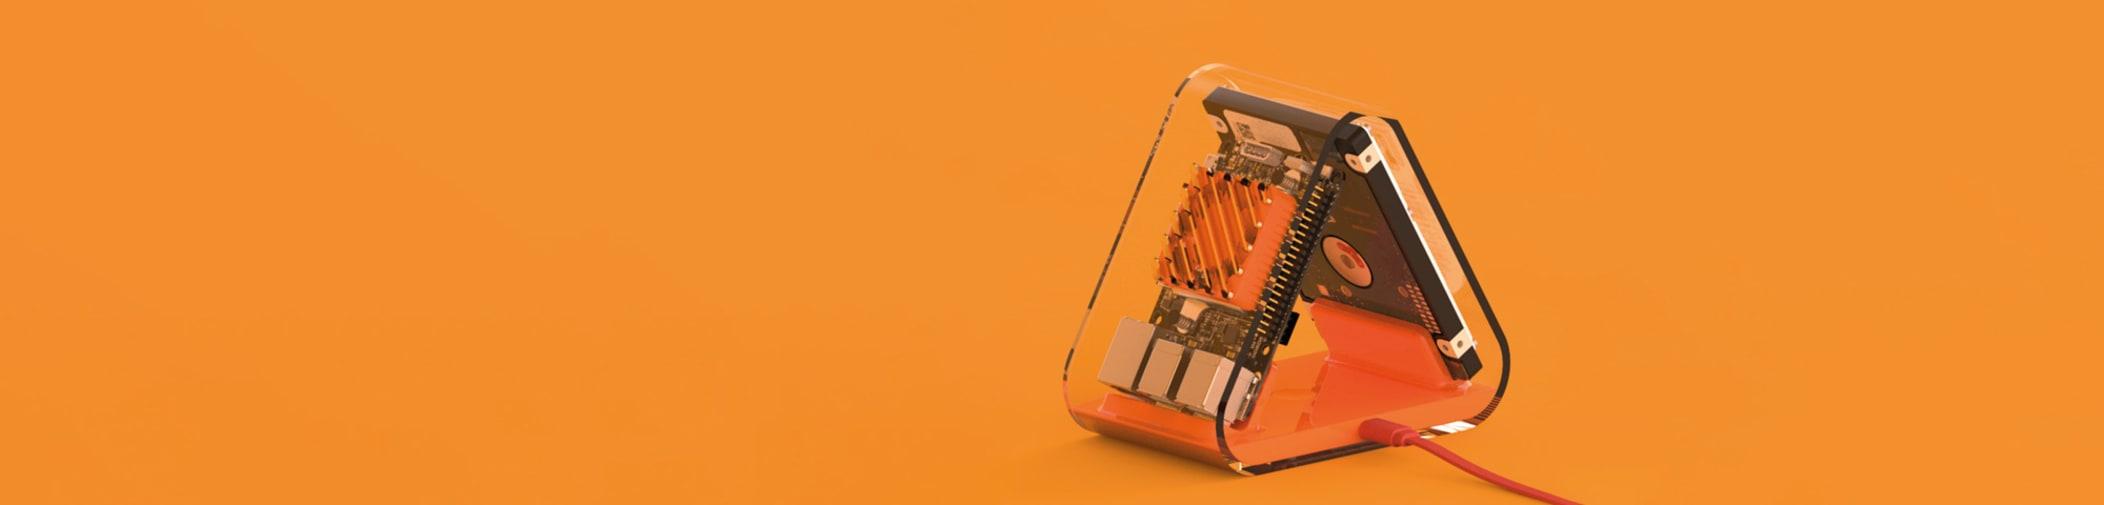 Sculpture on orange background